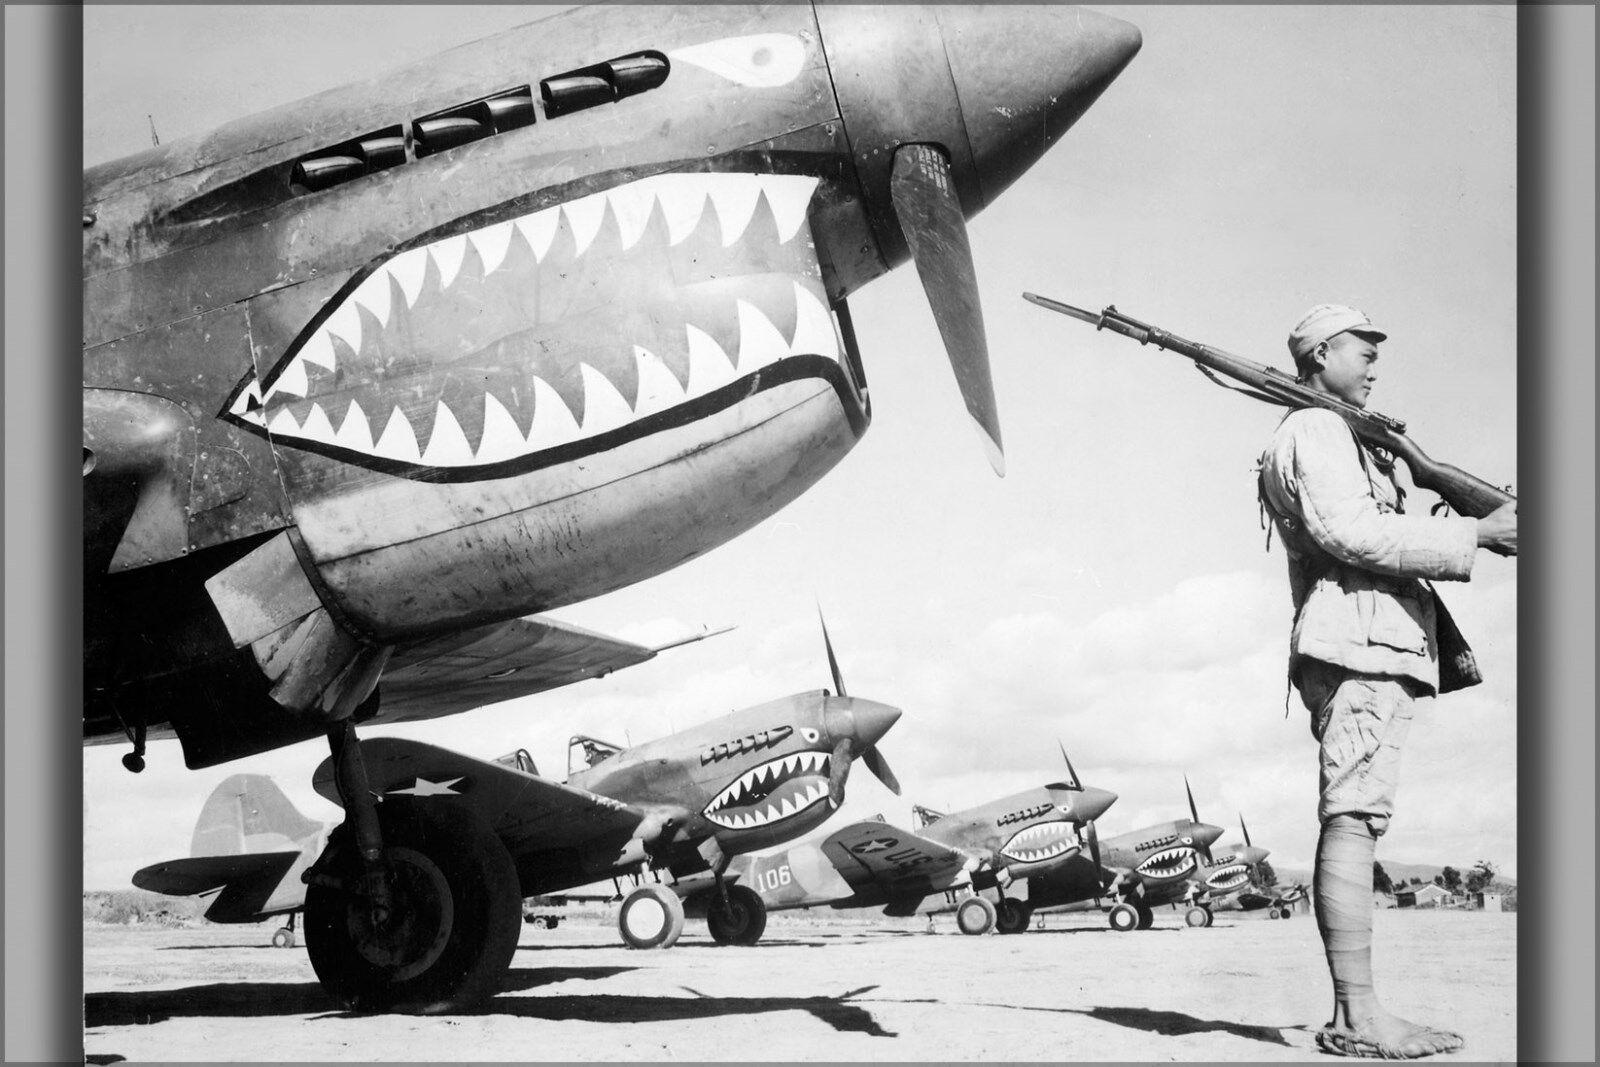 Plakat, Viele Größen; Soldat Guards eine Reihe von Amerikanischer P-40 Warhawk